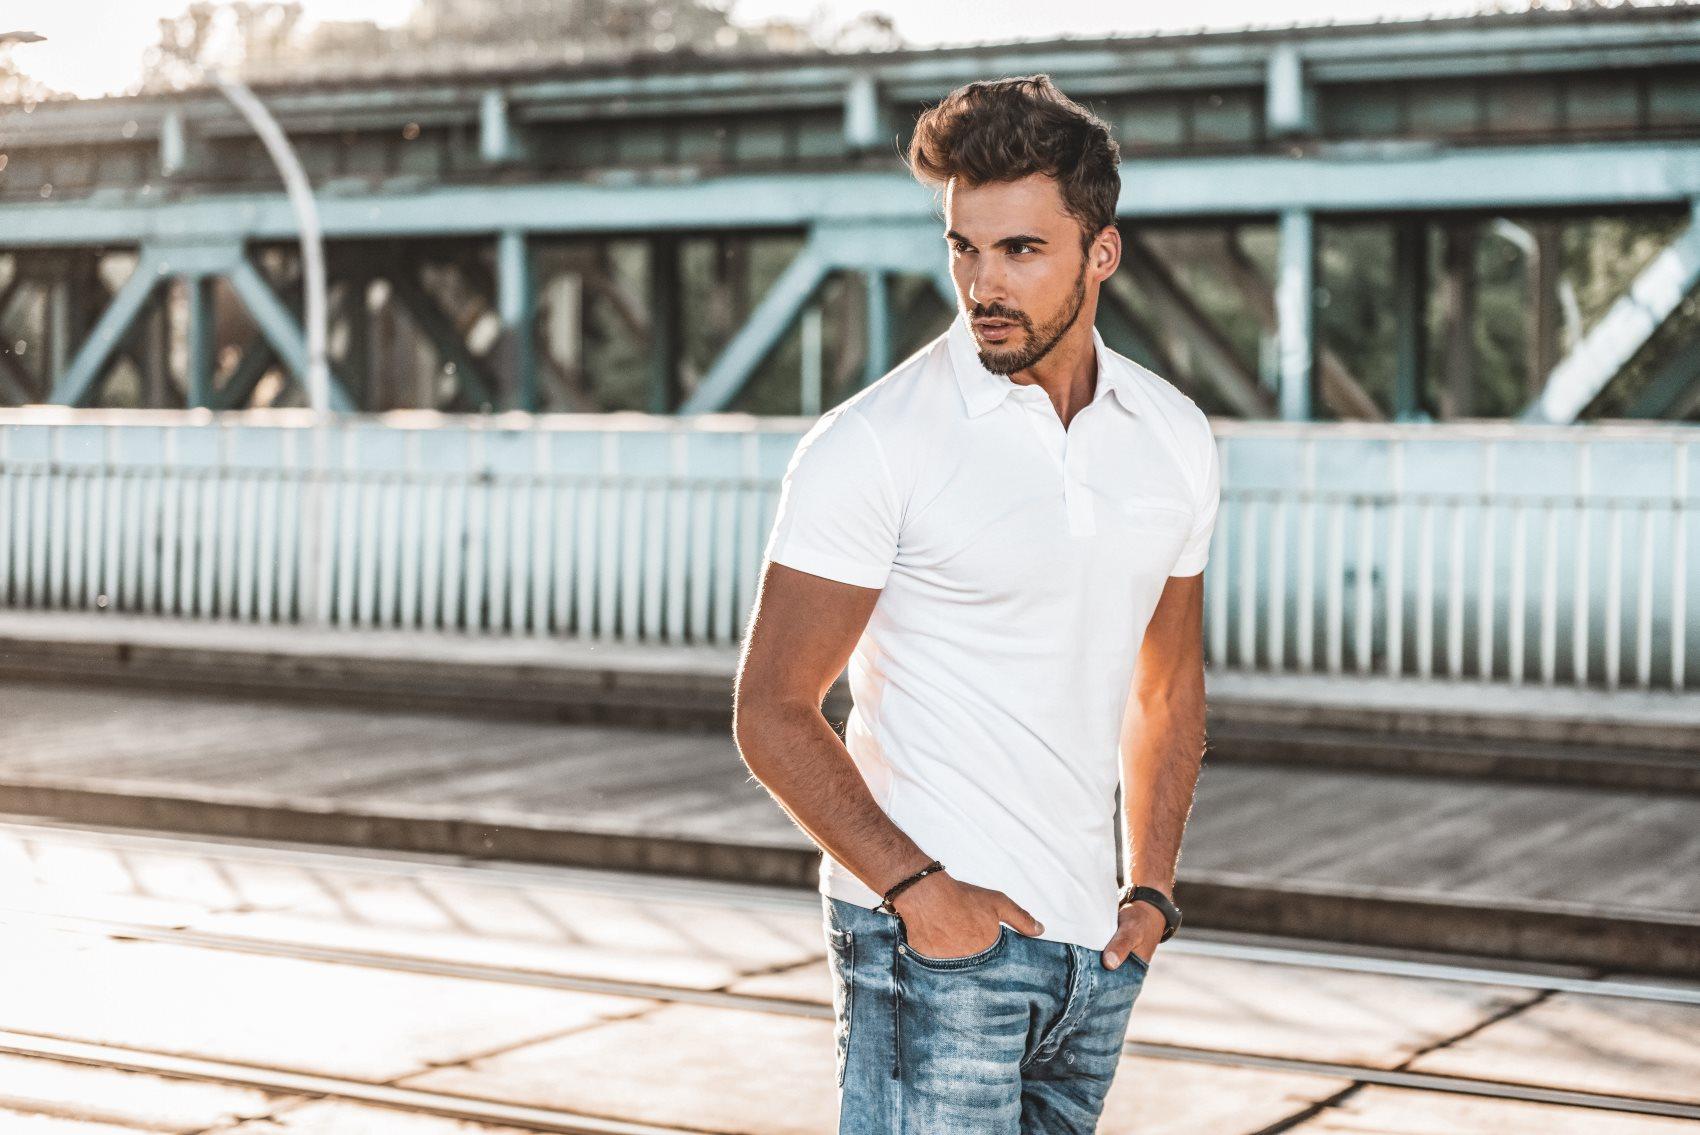 Spodnie, spodenki i koszule na lato. Jak się ubrać, gdy za oknem mocno grzeje?